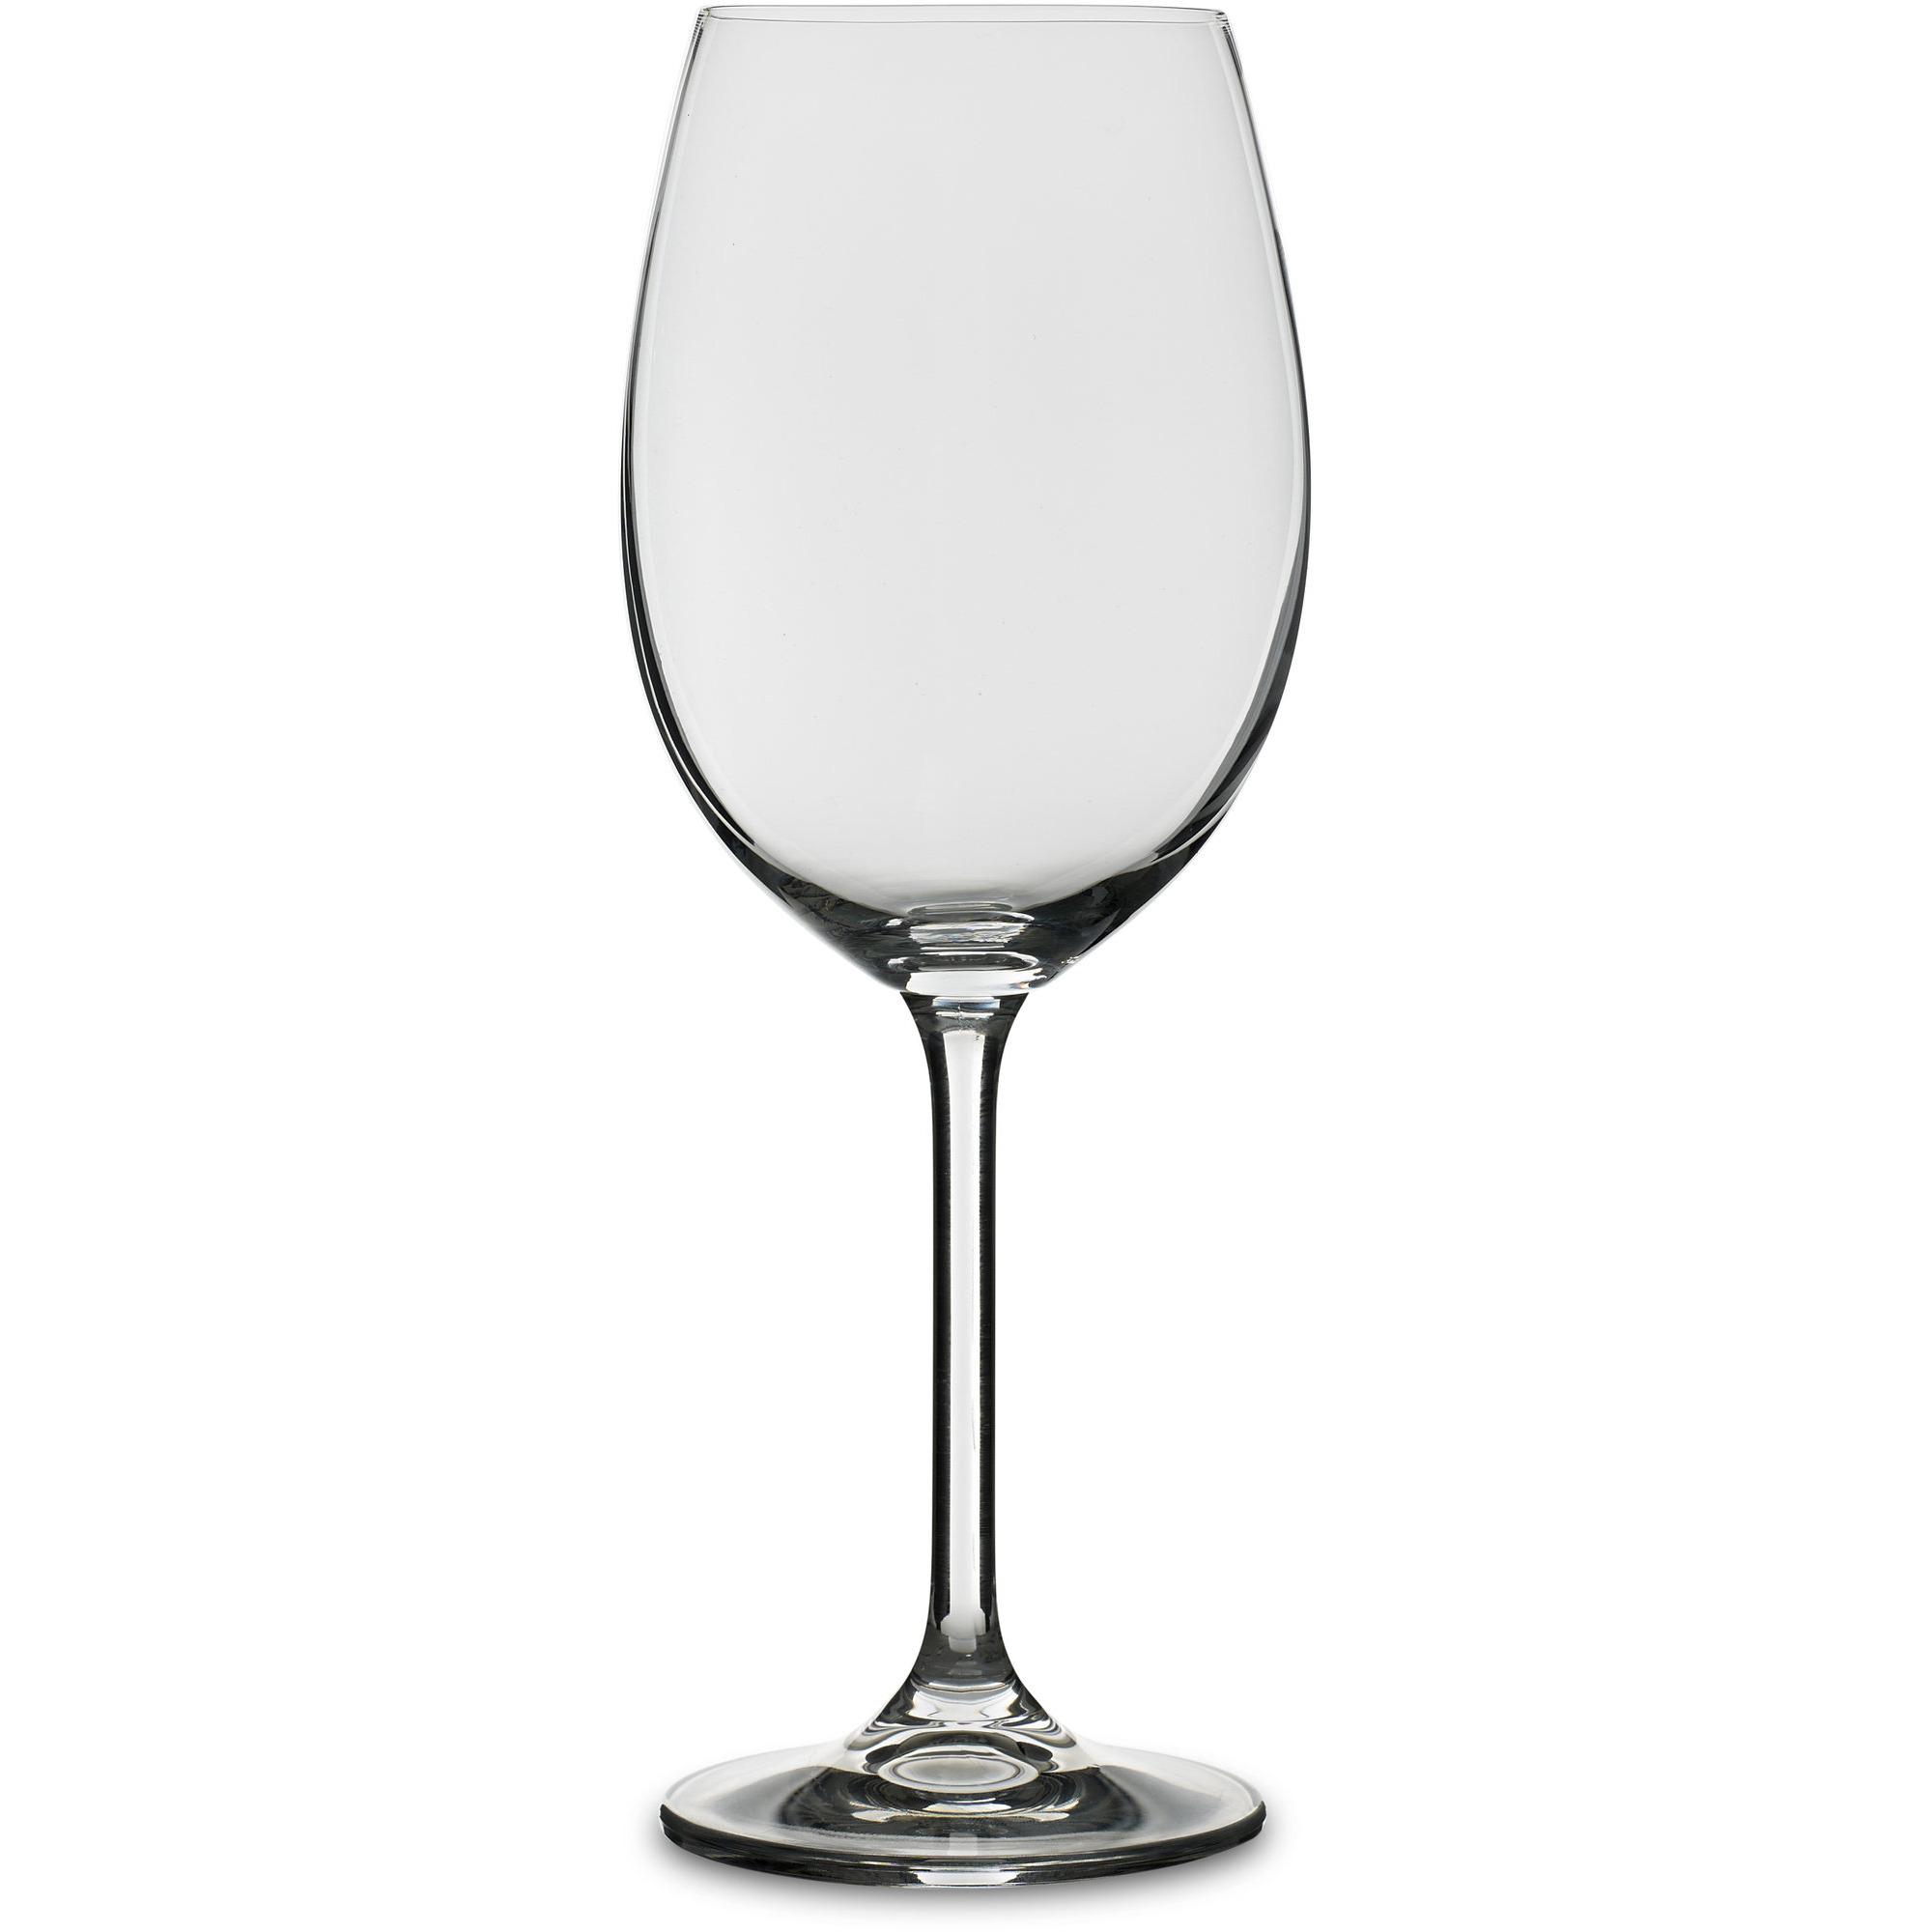 Bitz Vitvinsglas 2 stk.